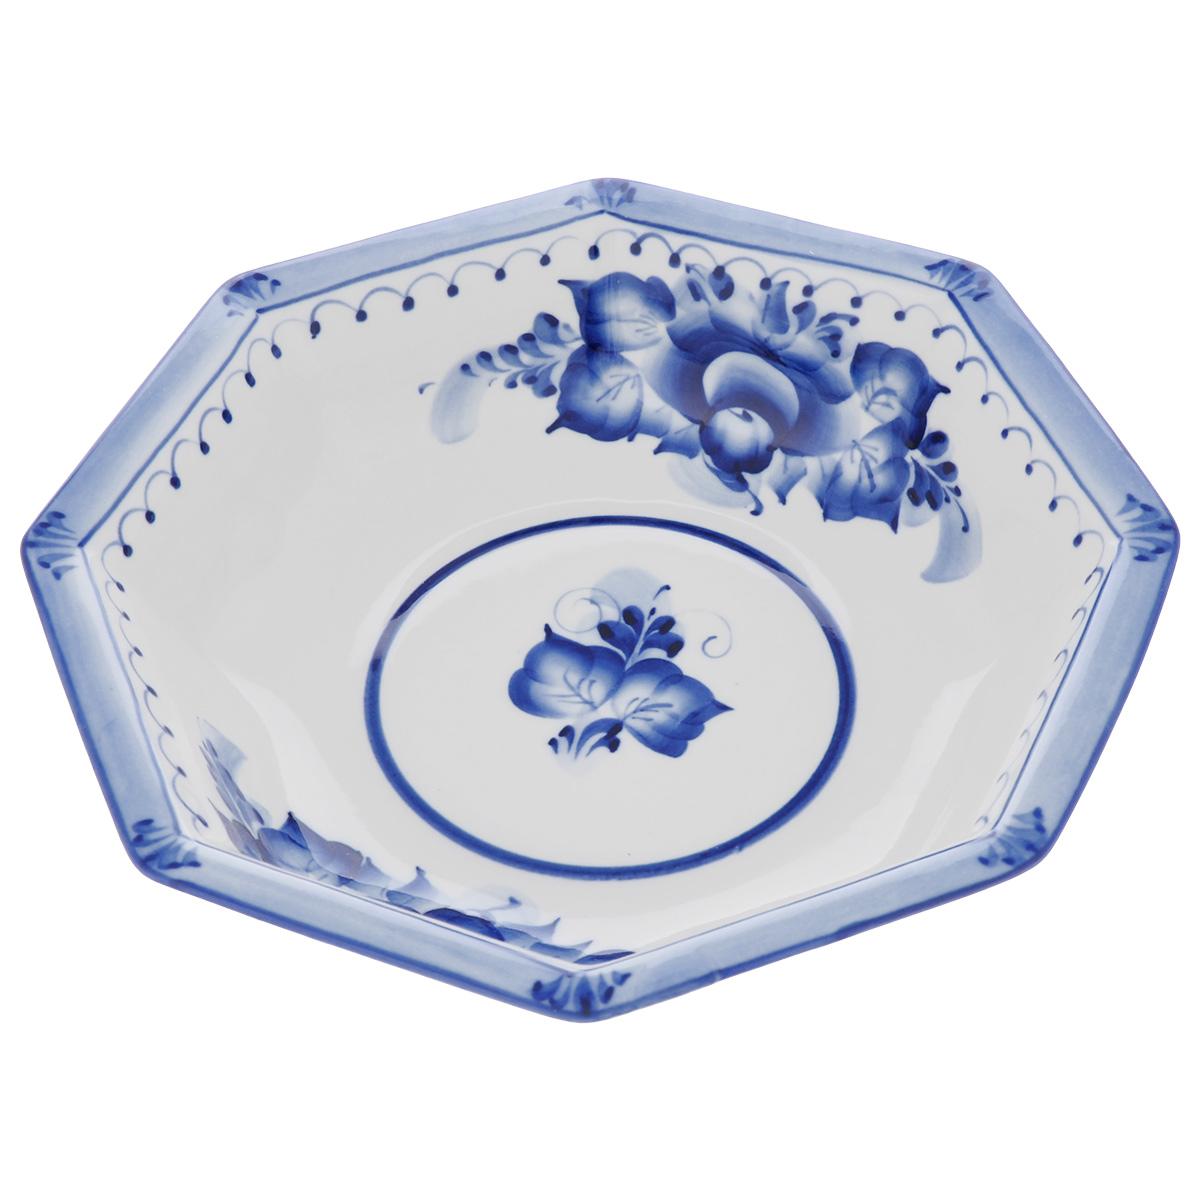 Салатник Европейский, цвет: белый, синий, 22 х 22 х 5 см993040122Салатник Европейский выполнен из высококачественного фарфора и декорирован росписью в технике гжель. Салатник сочетает в себе изысканный дизайн с максимальной функциональностью. Он прекрасно впишется в интерьер вашей кухни и станет достойным дополнением к кухонному инвентарю. Салатник не только украсит ваш кухонный стол и подчеркнет прекрасный вкус хозяйки, но и станет отличным подарком. Размер: 22 см х 22 см х 5 см.